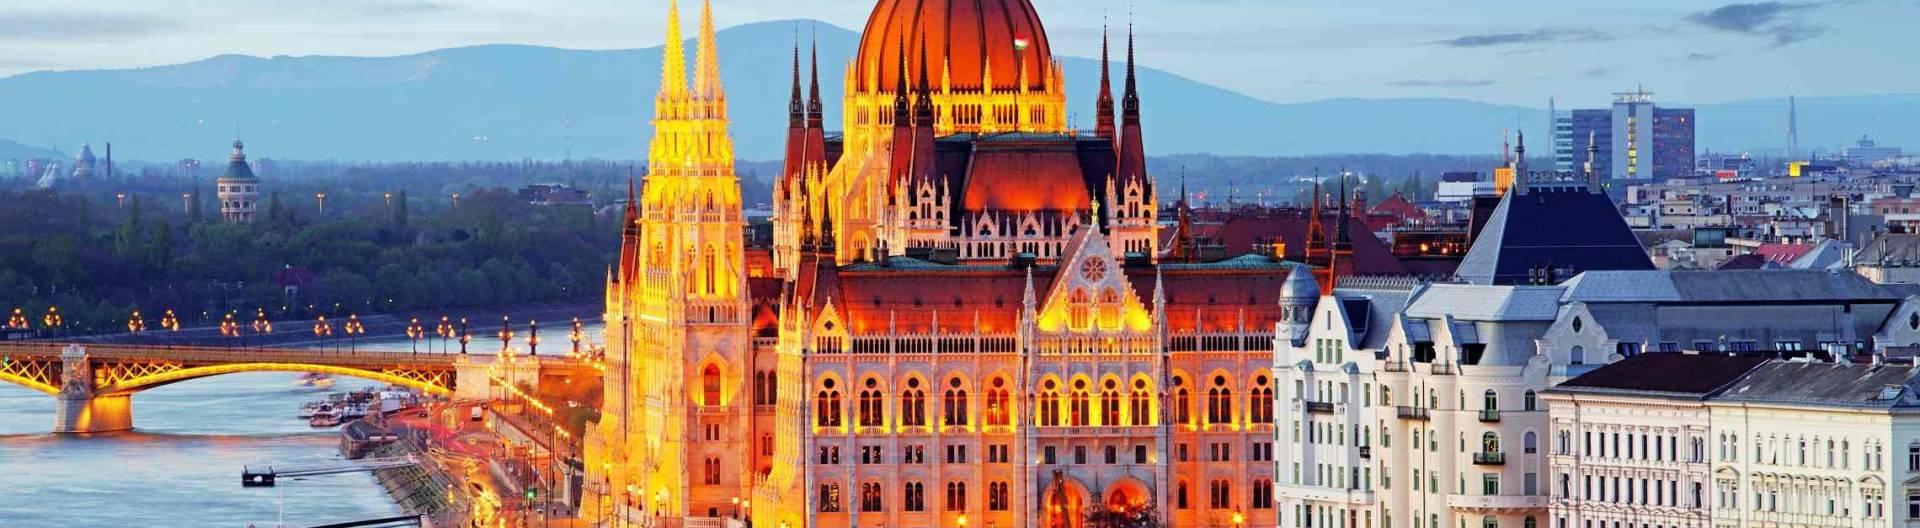 Unkarin-parlamenttitalo-Budapestissa-illalla-1920x528.jpg